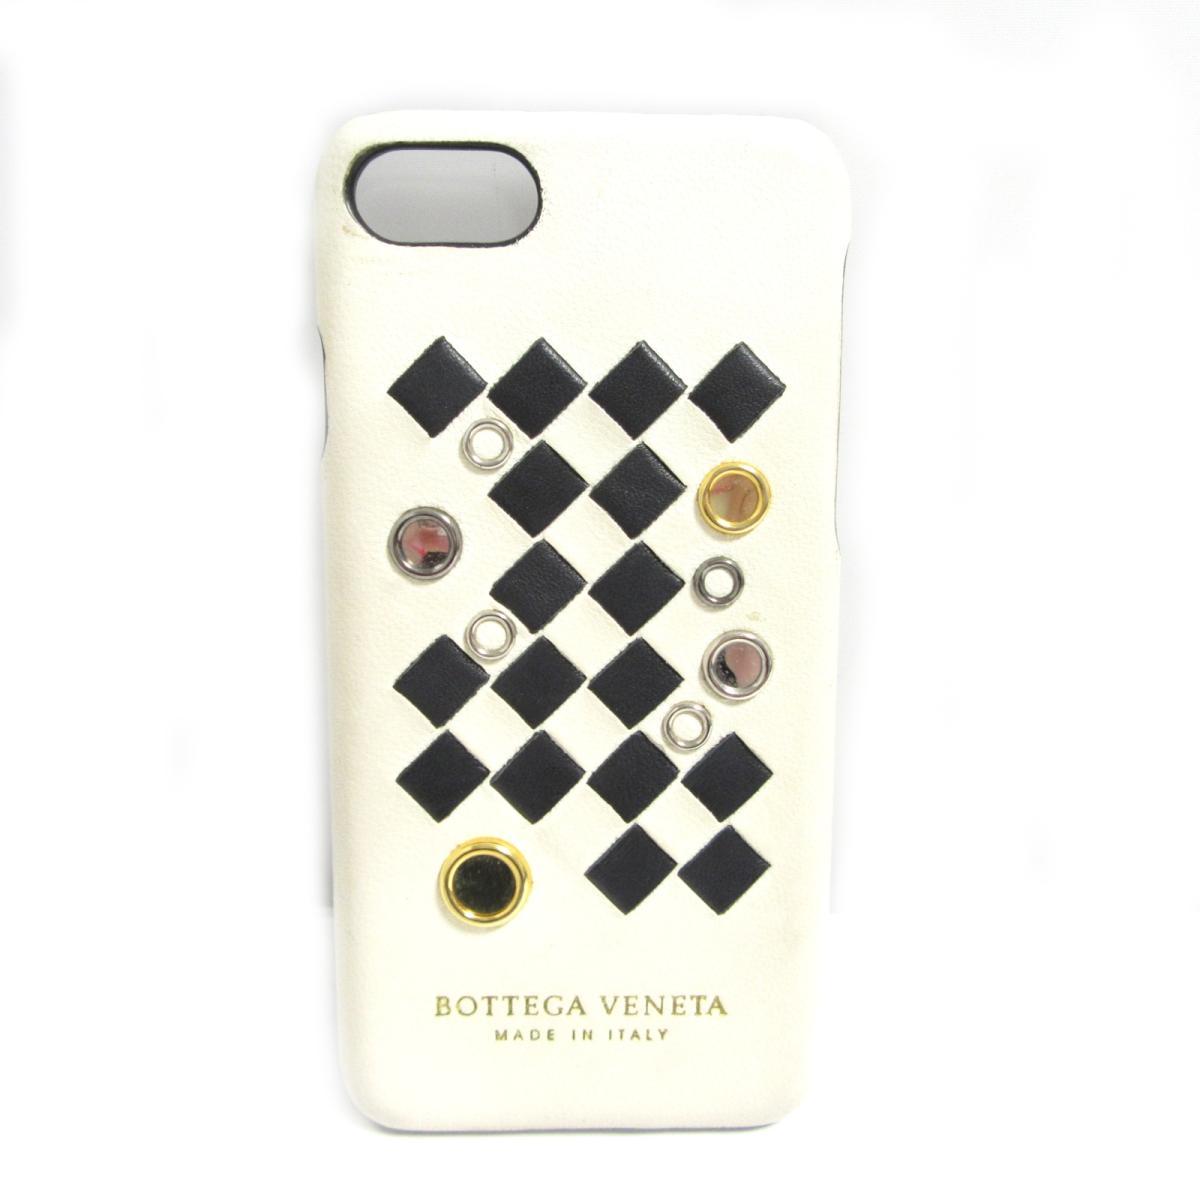 ボッテガ・ヴェネタ iPhone8ケース 携帯ケース アイフォン スマートフォン 財布 メンズ レディース レザー アイボリー × ブラック ゴールド シルバー (496541) 【中古】 | BOTTEGA VENETA BRANDOFF ブランドオフ ブランド ブランド雑貨 小物 雑貨